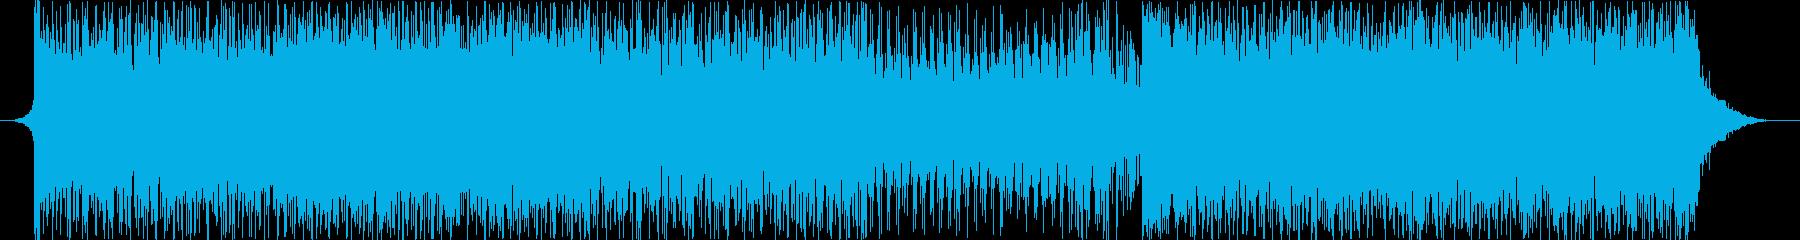 近未来な夜の雰囲気なSynthwaveの再生済みの波形